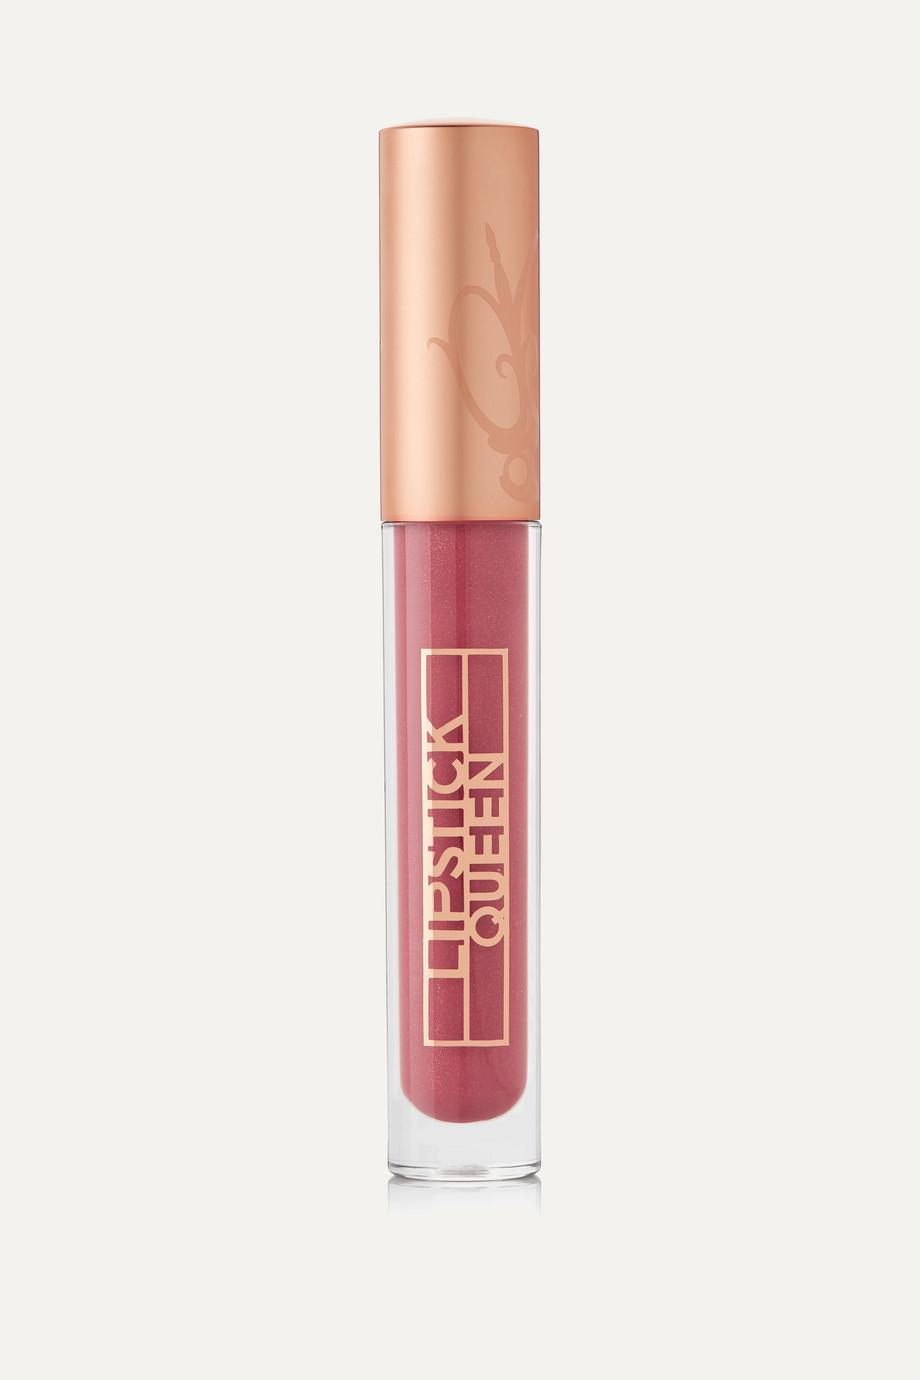 Lipstick Queen Reign & Shine Lip Gloss – Ruler of Rose – Lipgloss